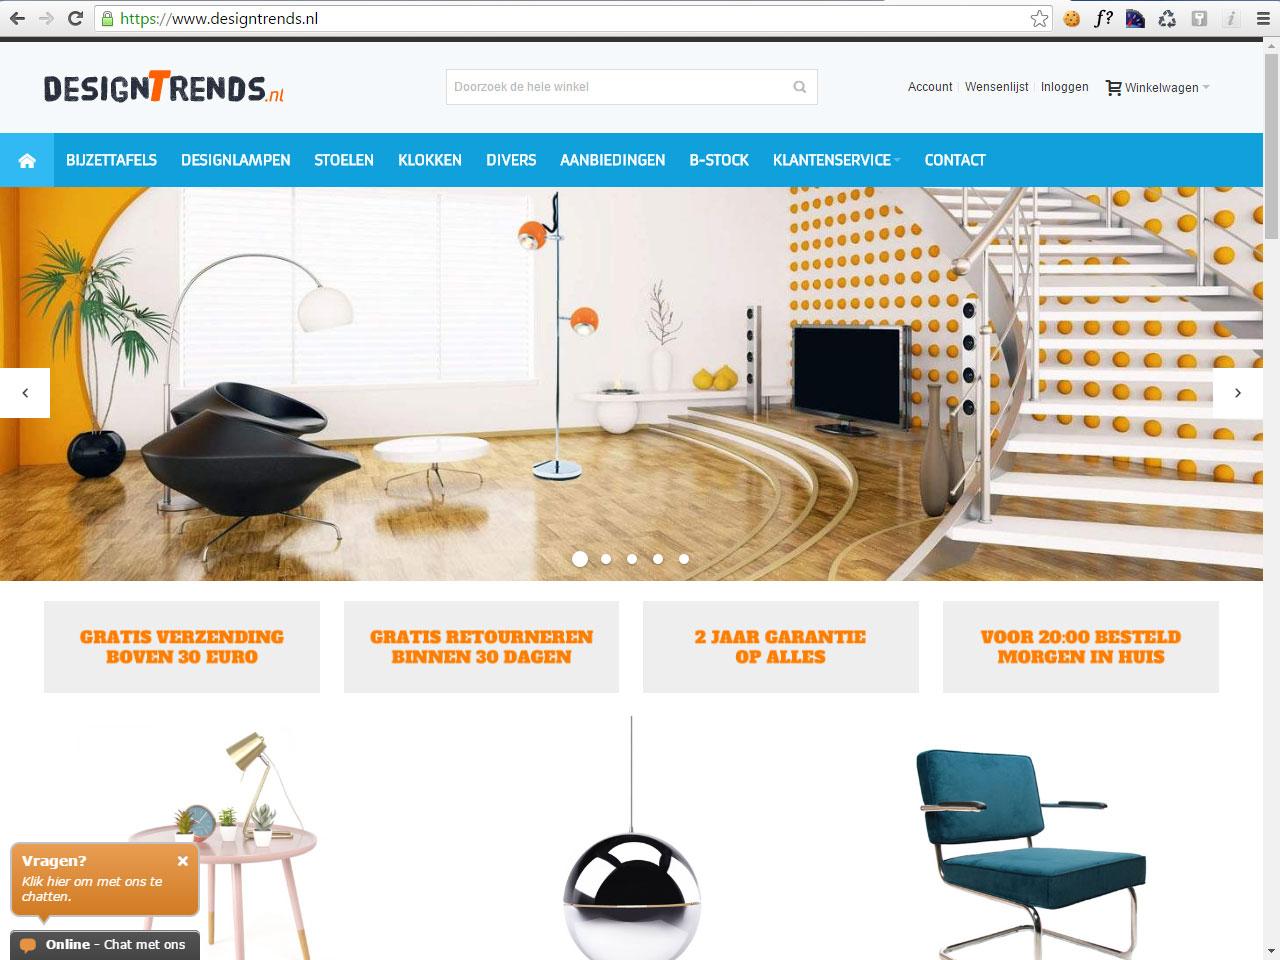 Zendesk chat online